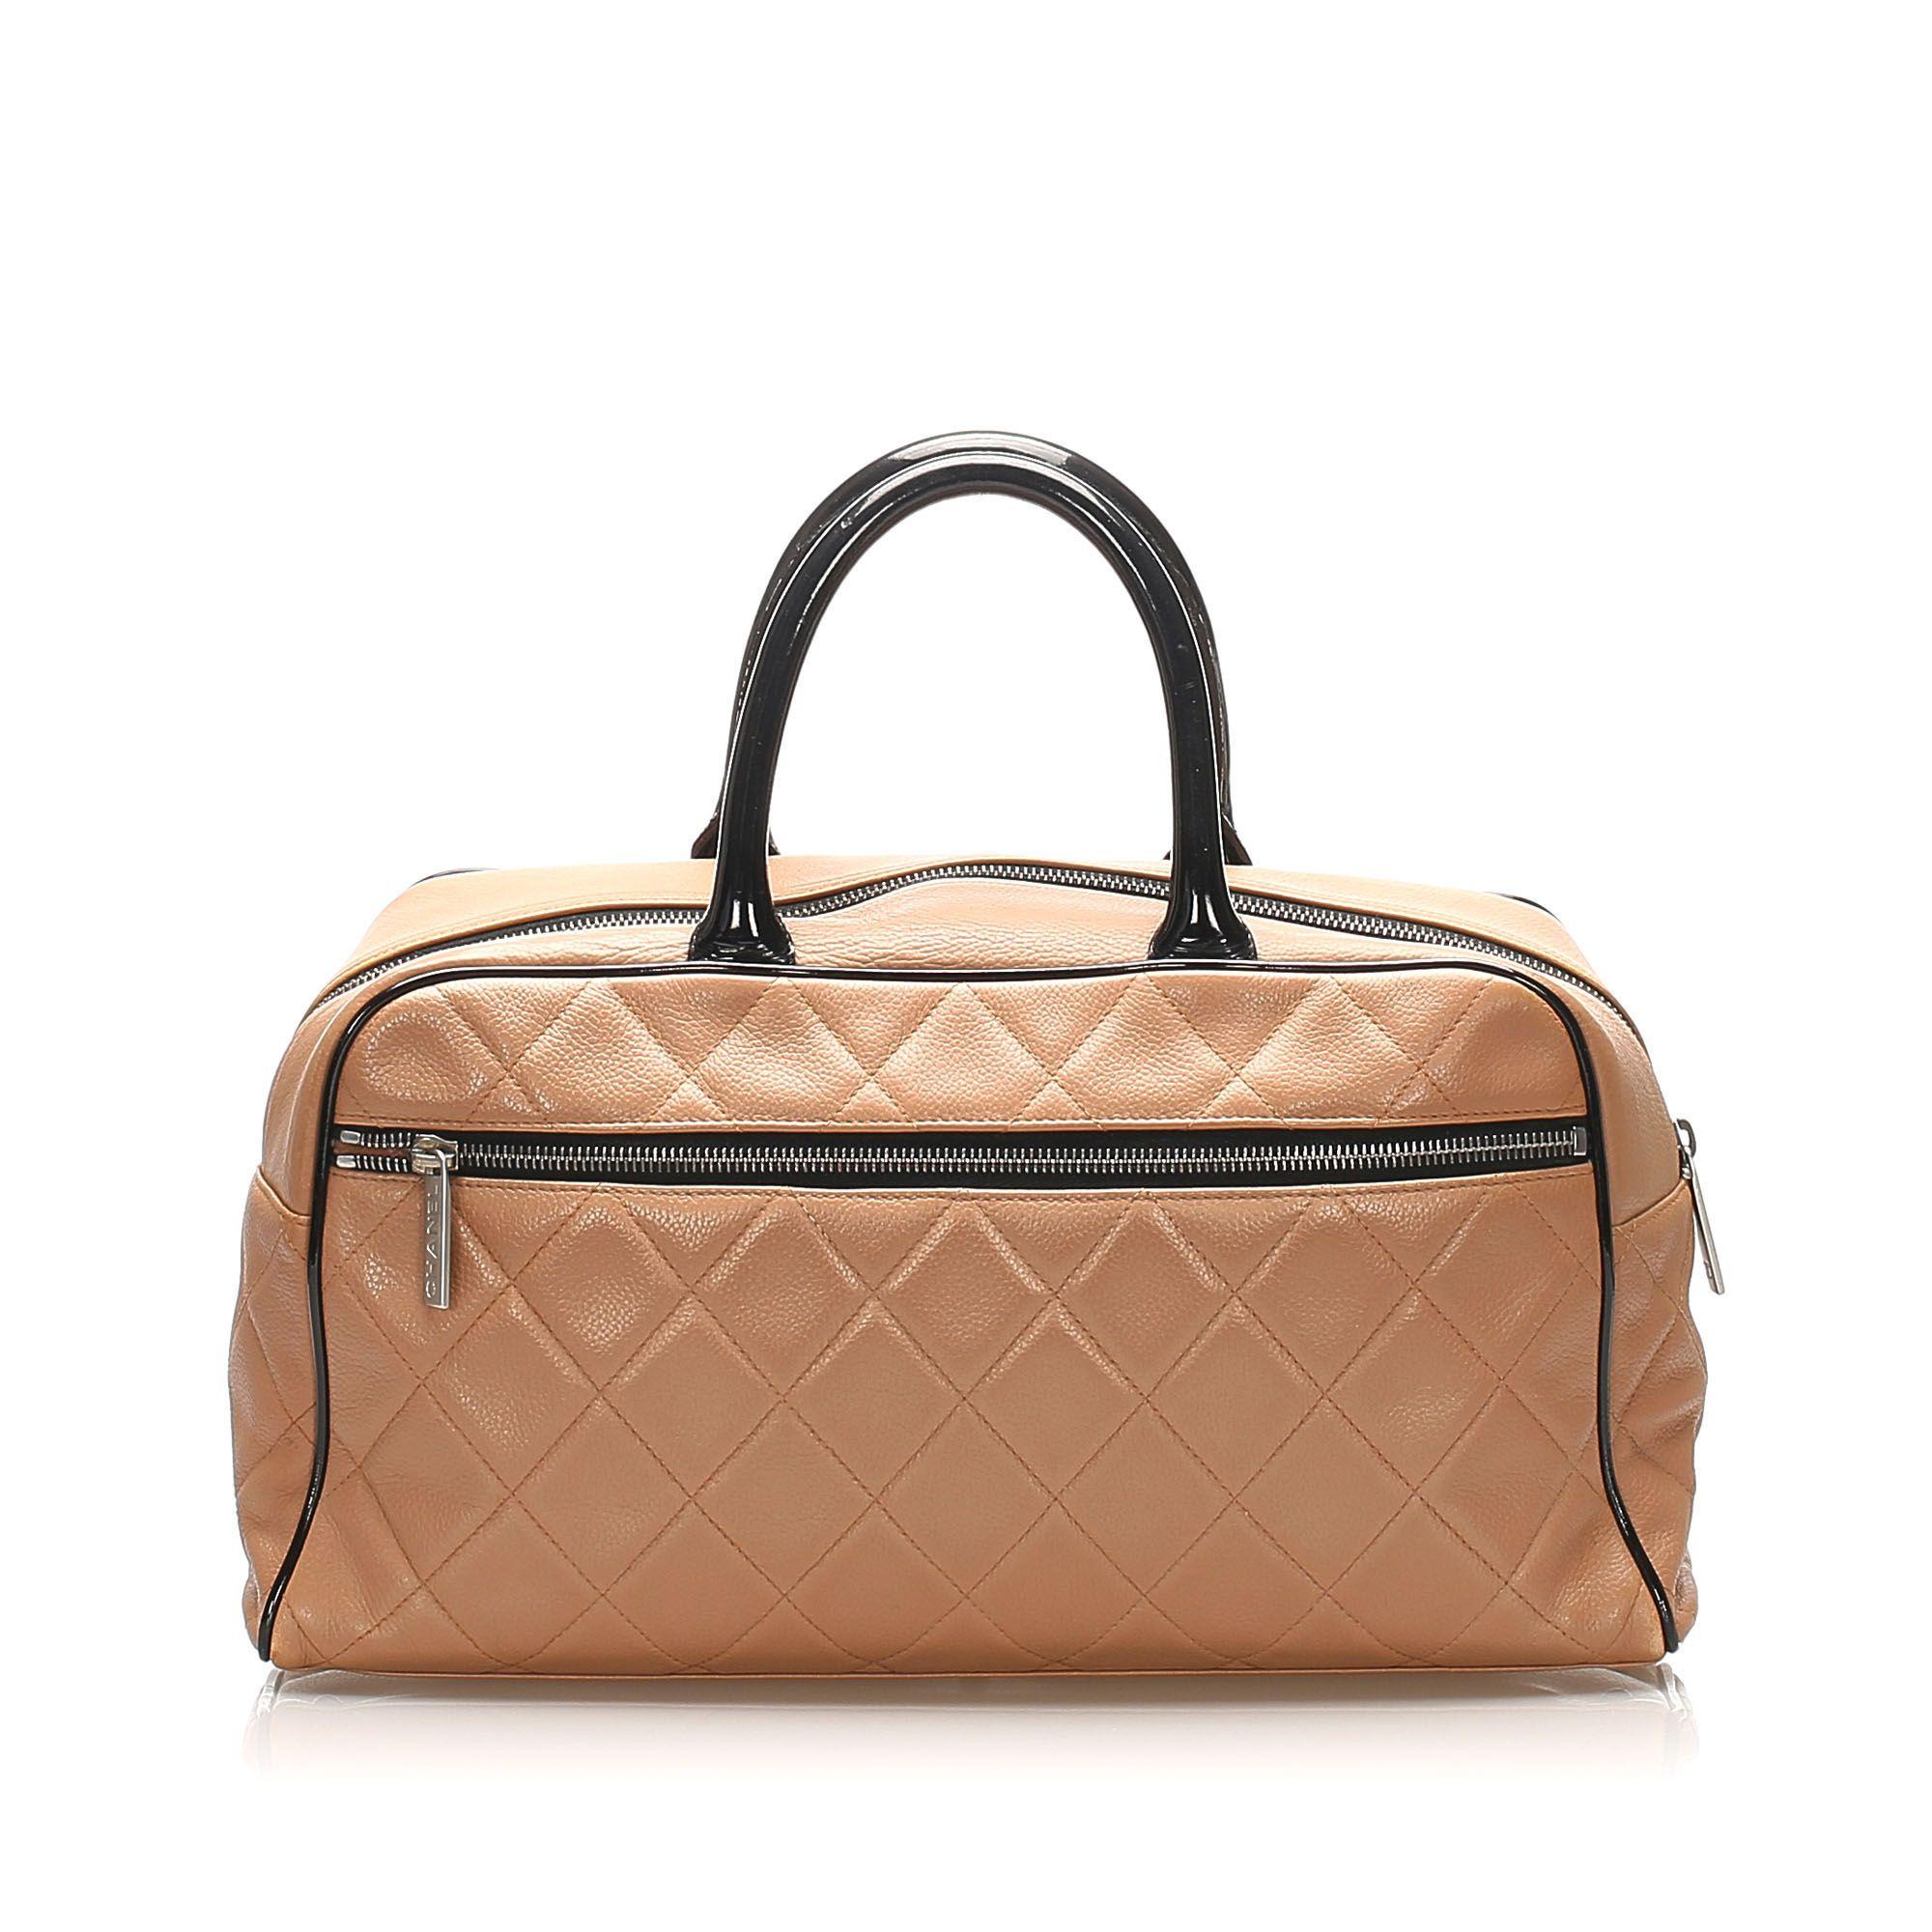 Vintage Chanel Caviar Handbag Brown